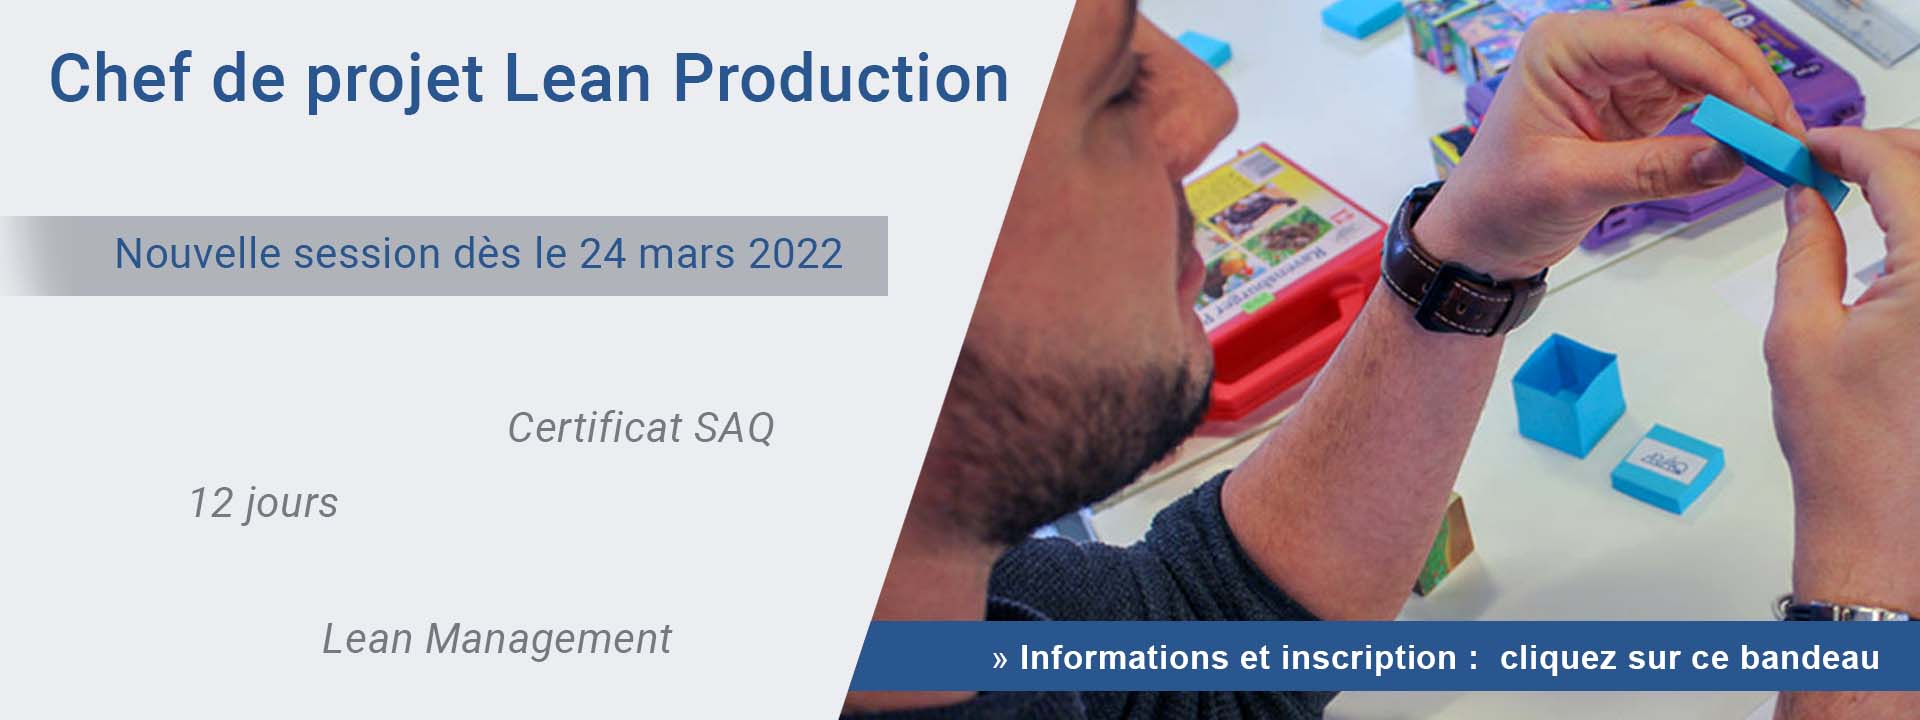 Chef de projet Lean Production